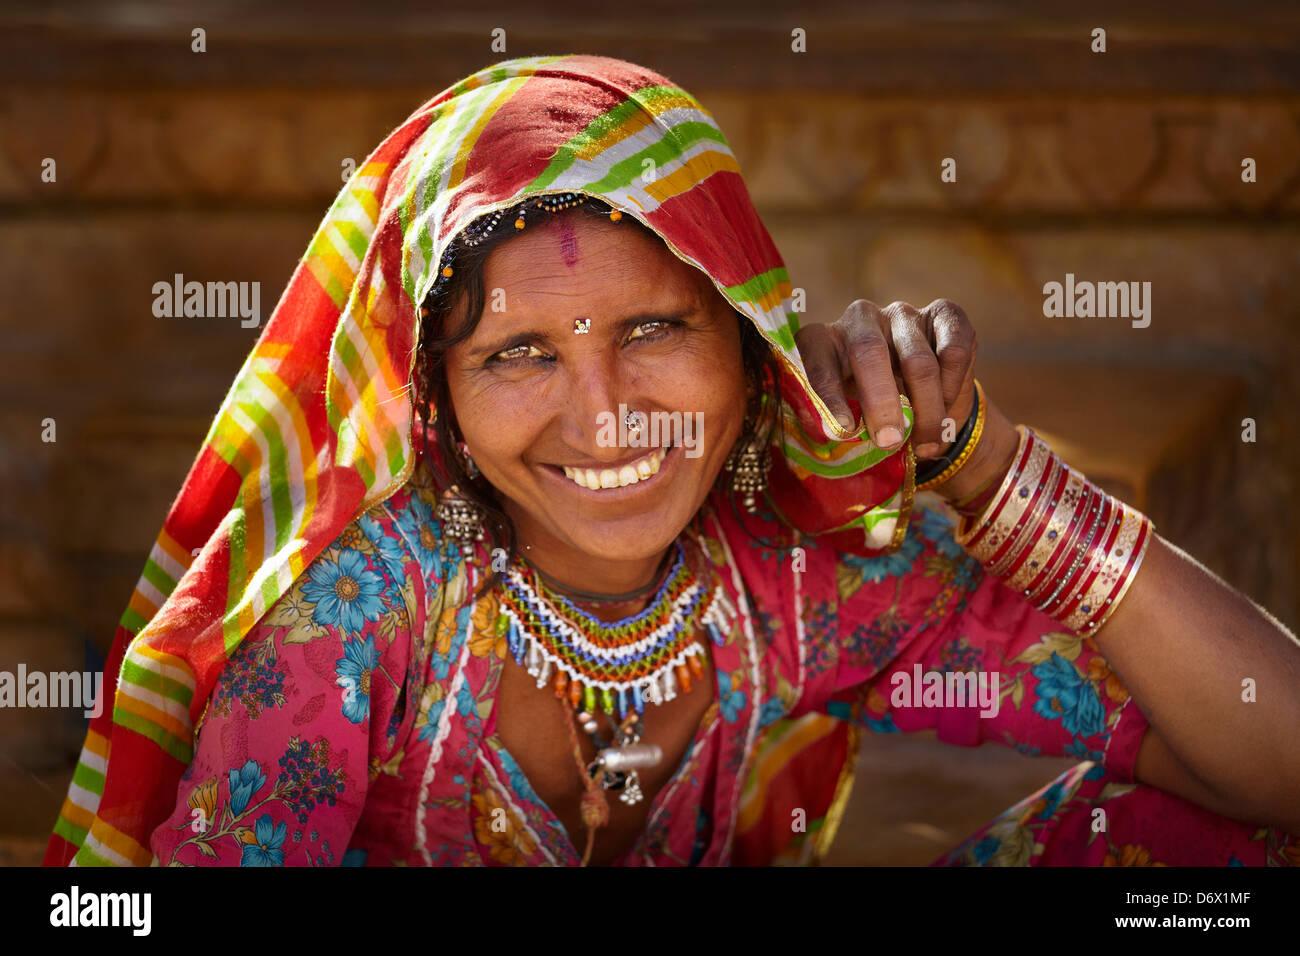 Ritratto di sorridere india donna, Jaisalmer, stato del Rajasthan, India Immagini Stock